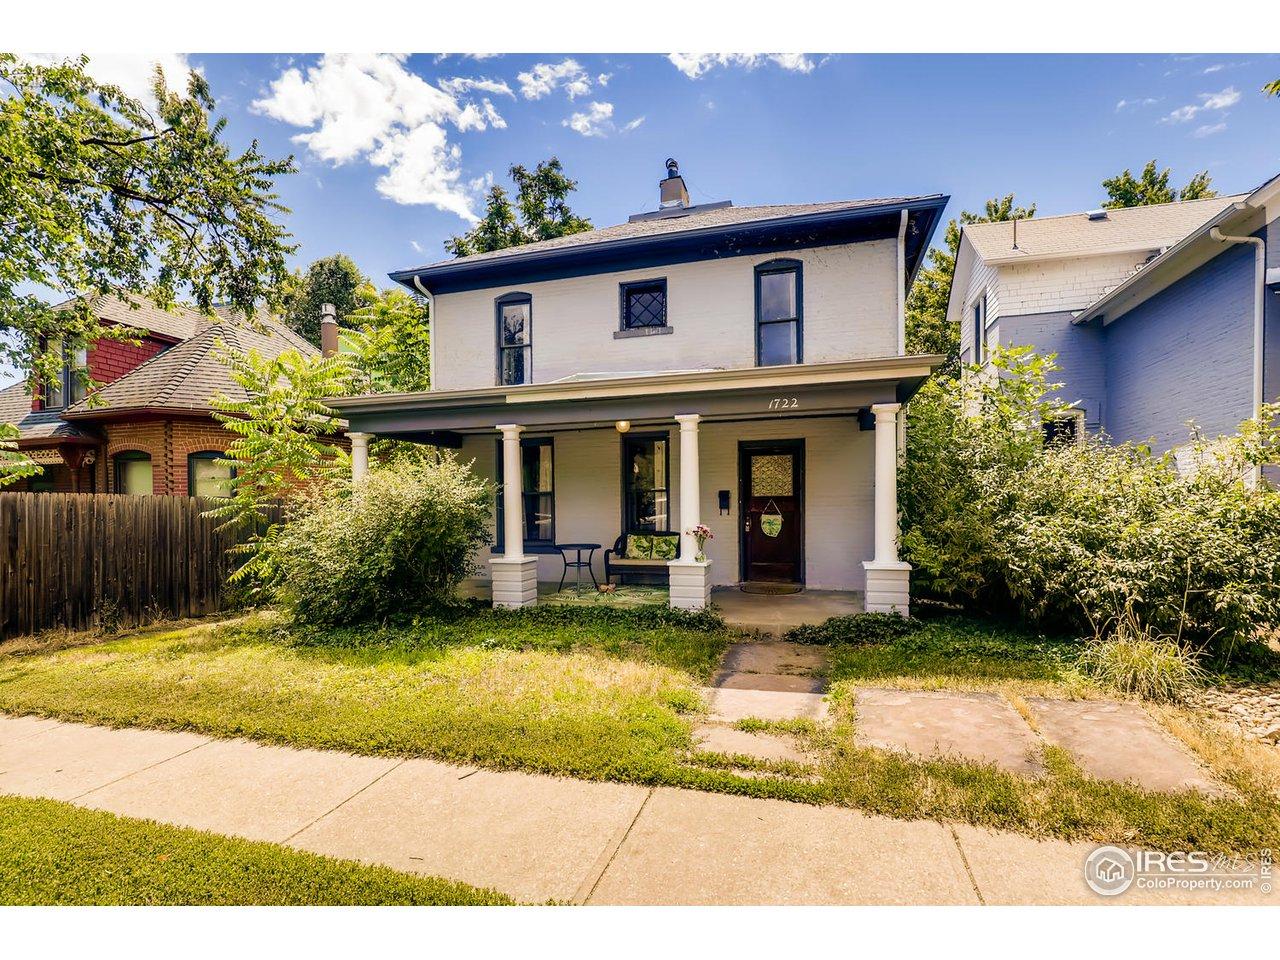 1722 Pine St, Boulder CO 80302